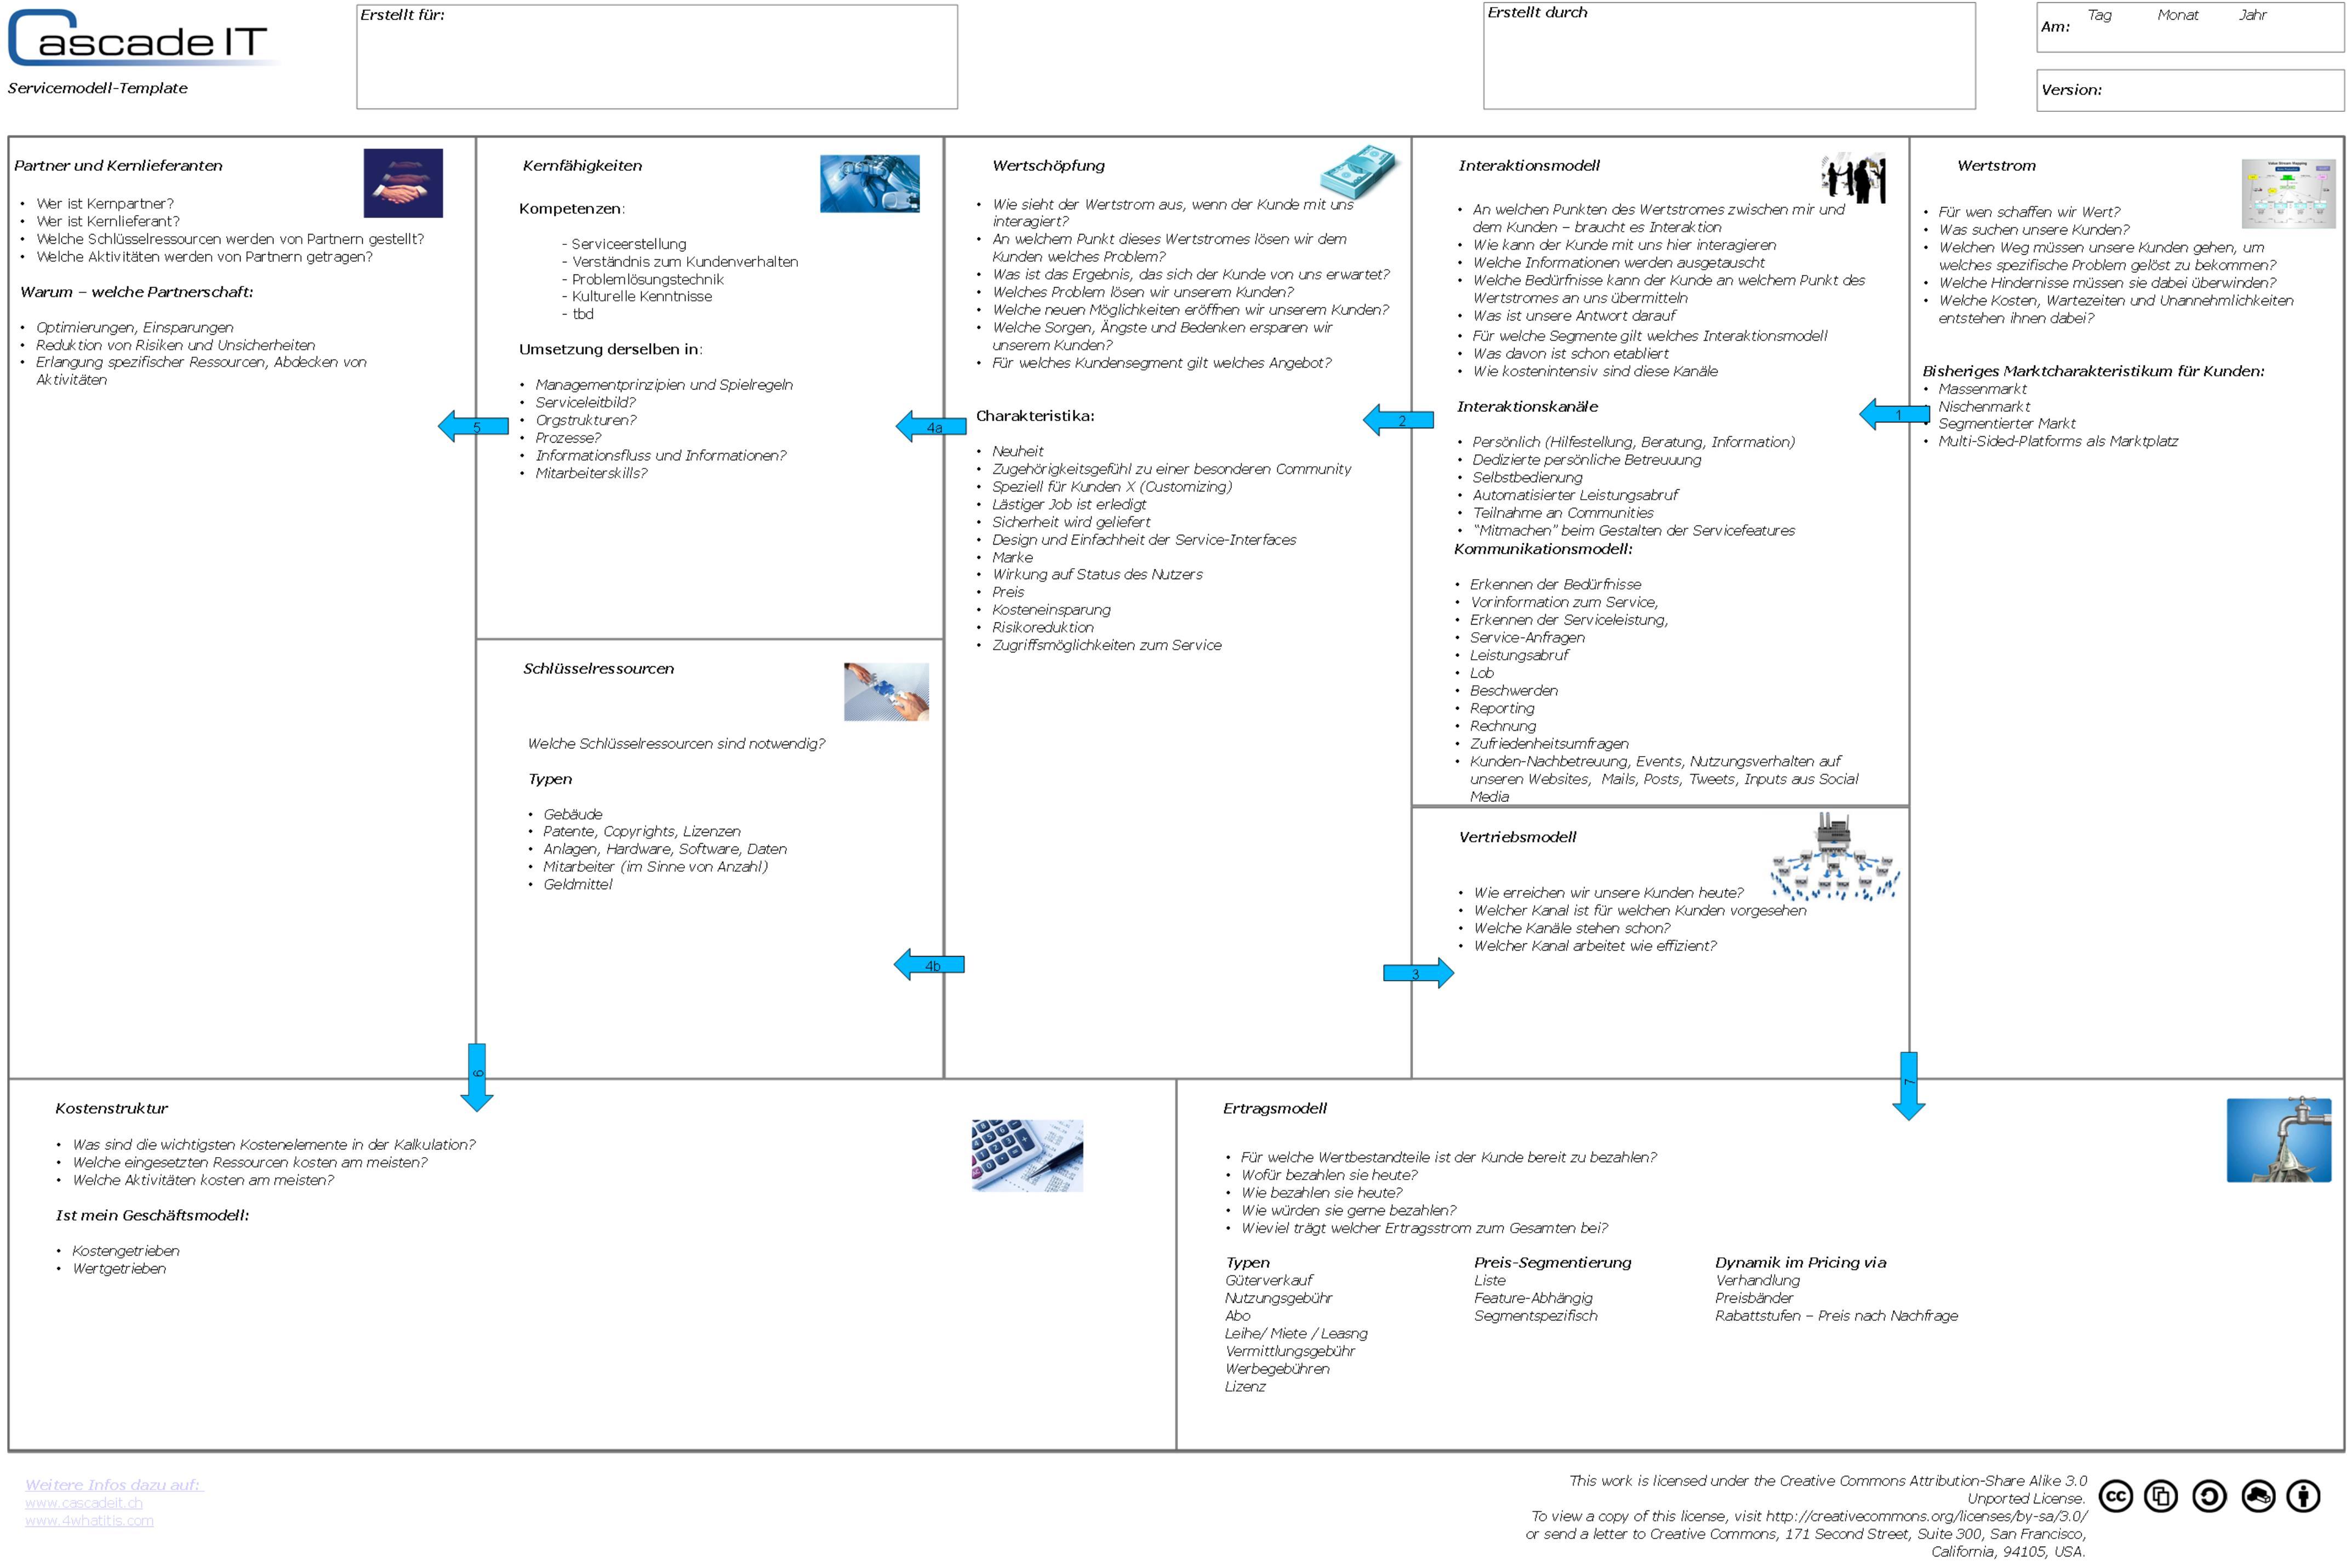 4whatitis - ITchinesisch - verständlich erklärt - Masterpläne ...